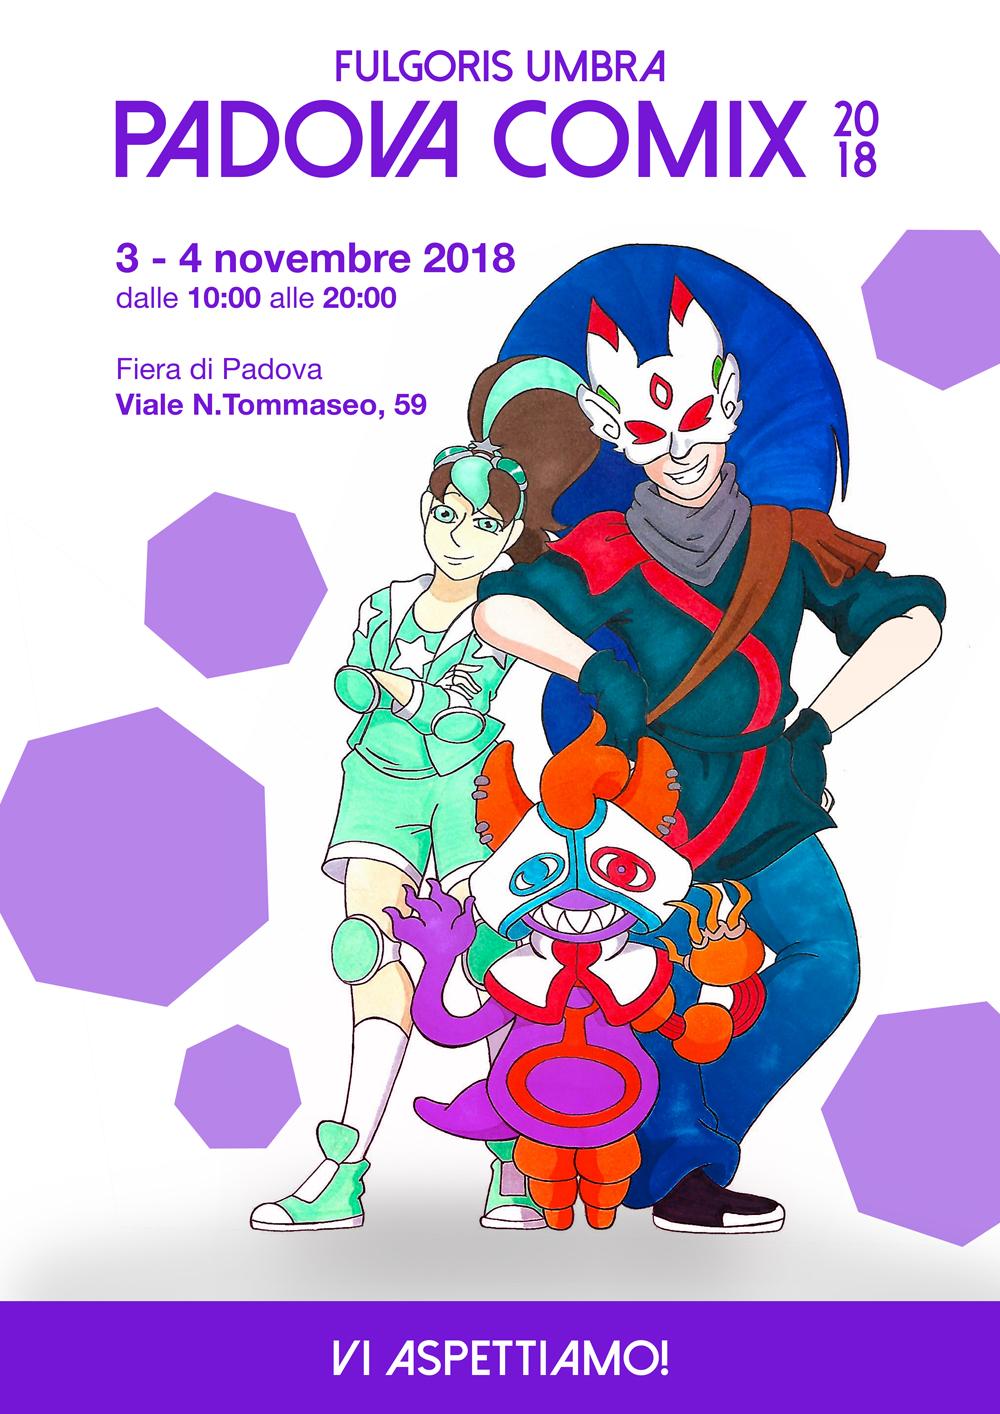 Padova Comix 2018